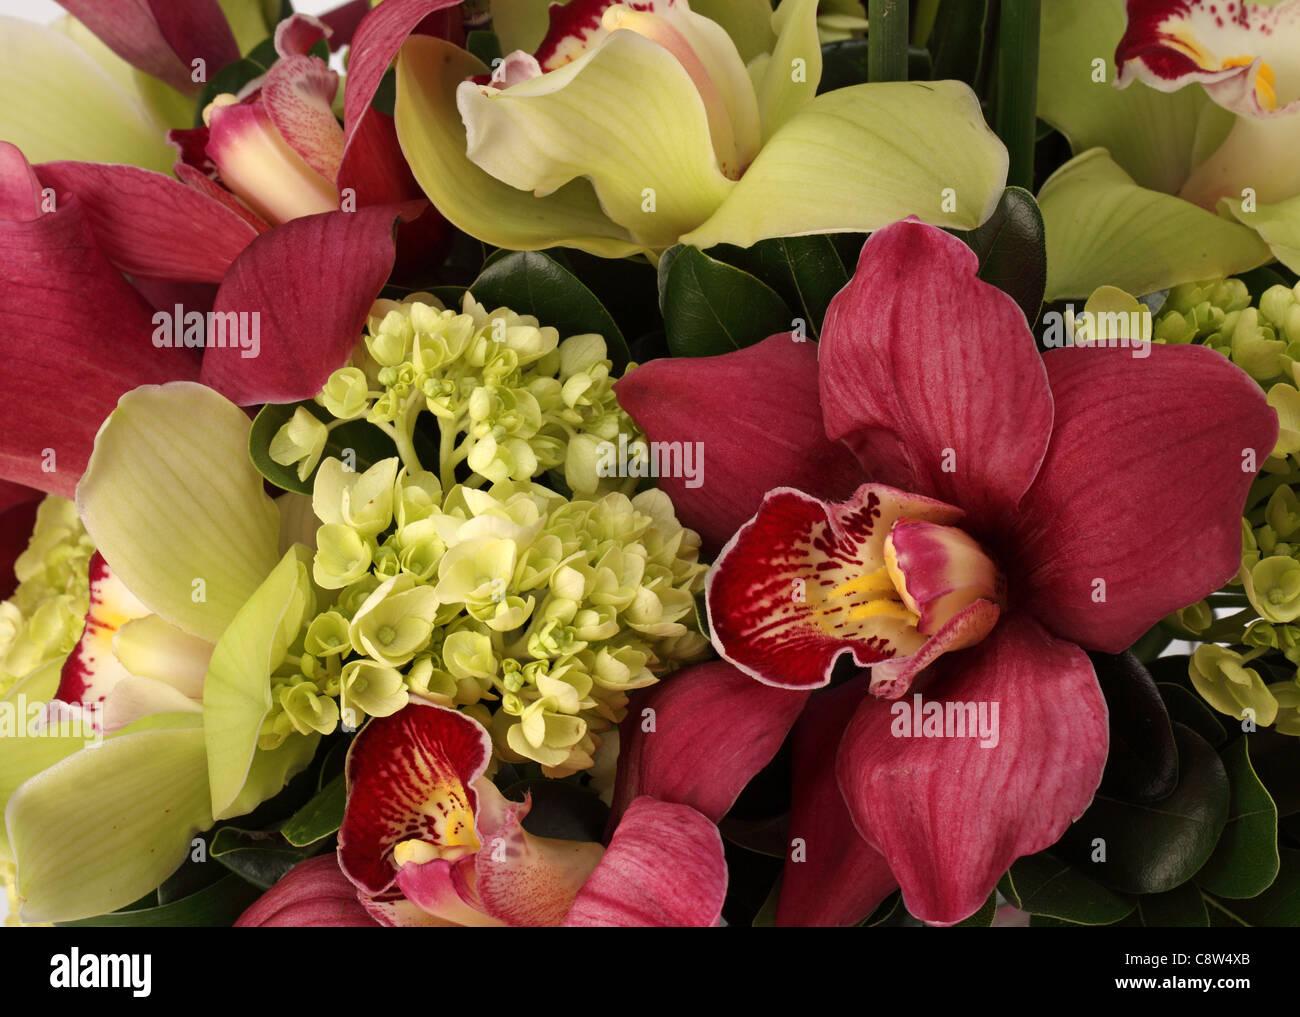 Eine Nahaufnahme von einem bunten Blumenstrauß. Rosa Calla-Lilien, grüne und rote Cymbidium Orchideen Stockbild